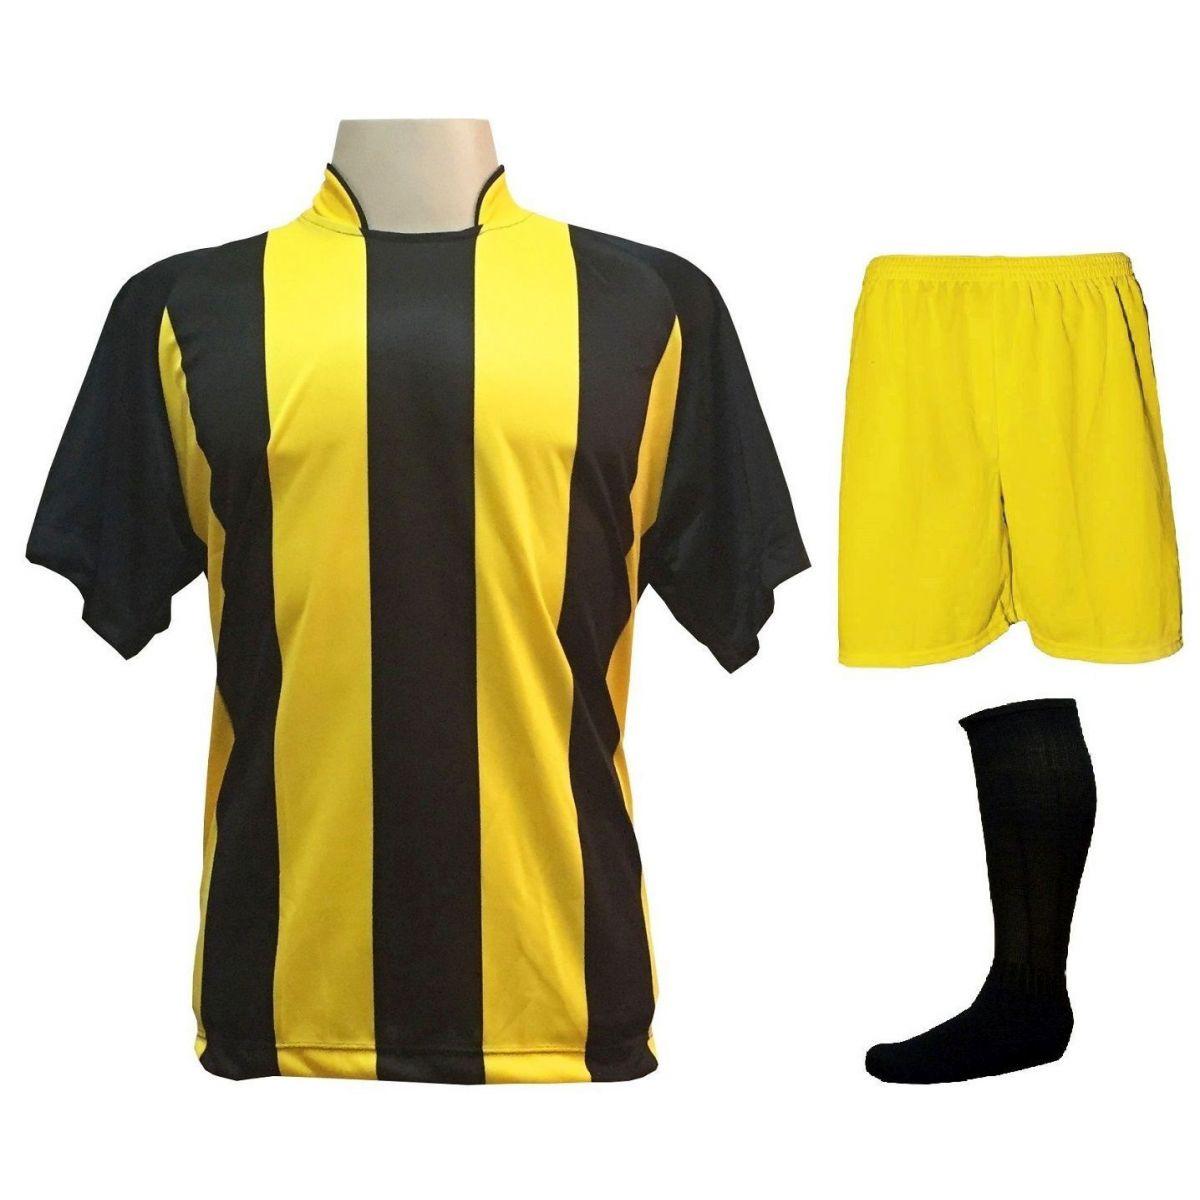 Uniforme Esportivo com 20 camisas modelo Milan Preto/Amarelo + 20 calções modelo Madrid Amarelo + 20 pares de meiões Preto